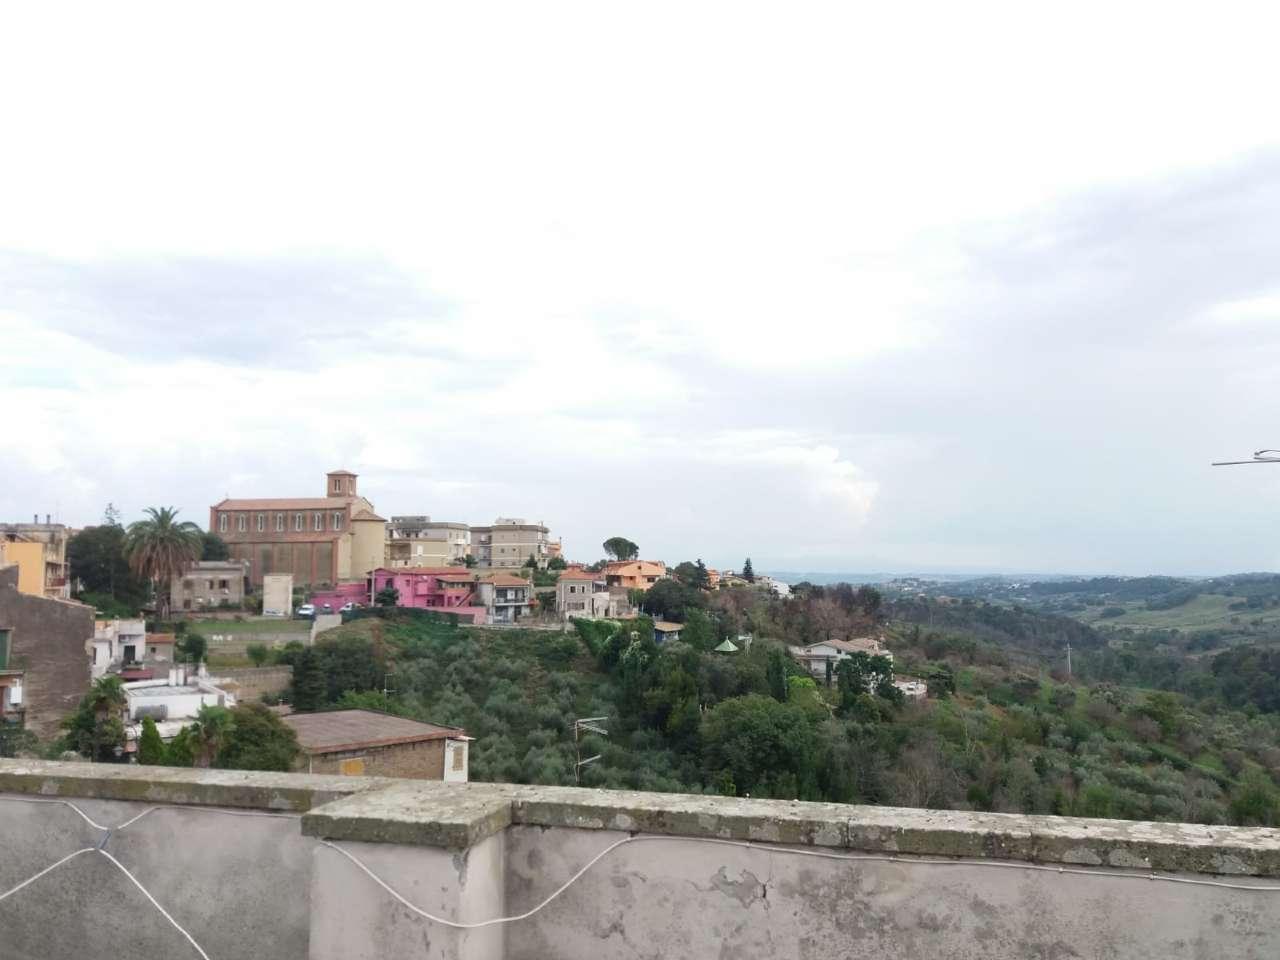 BILOCALE con terrazzo in palazzo storico a Capena